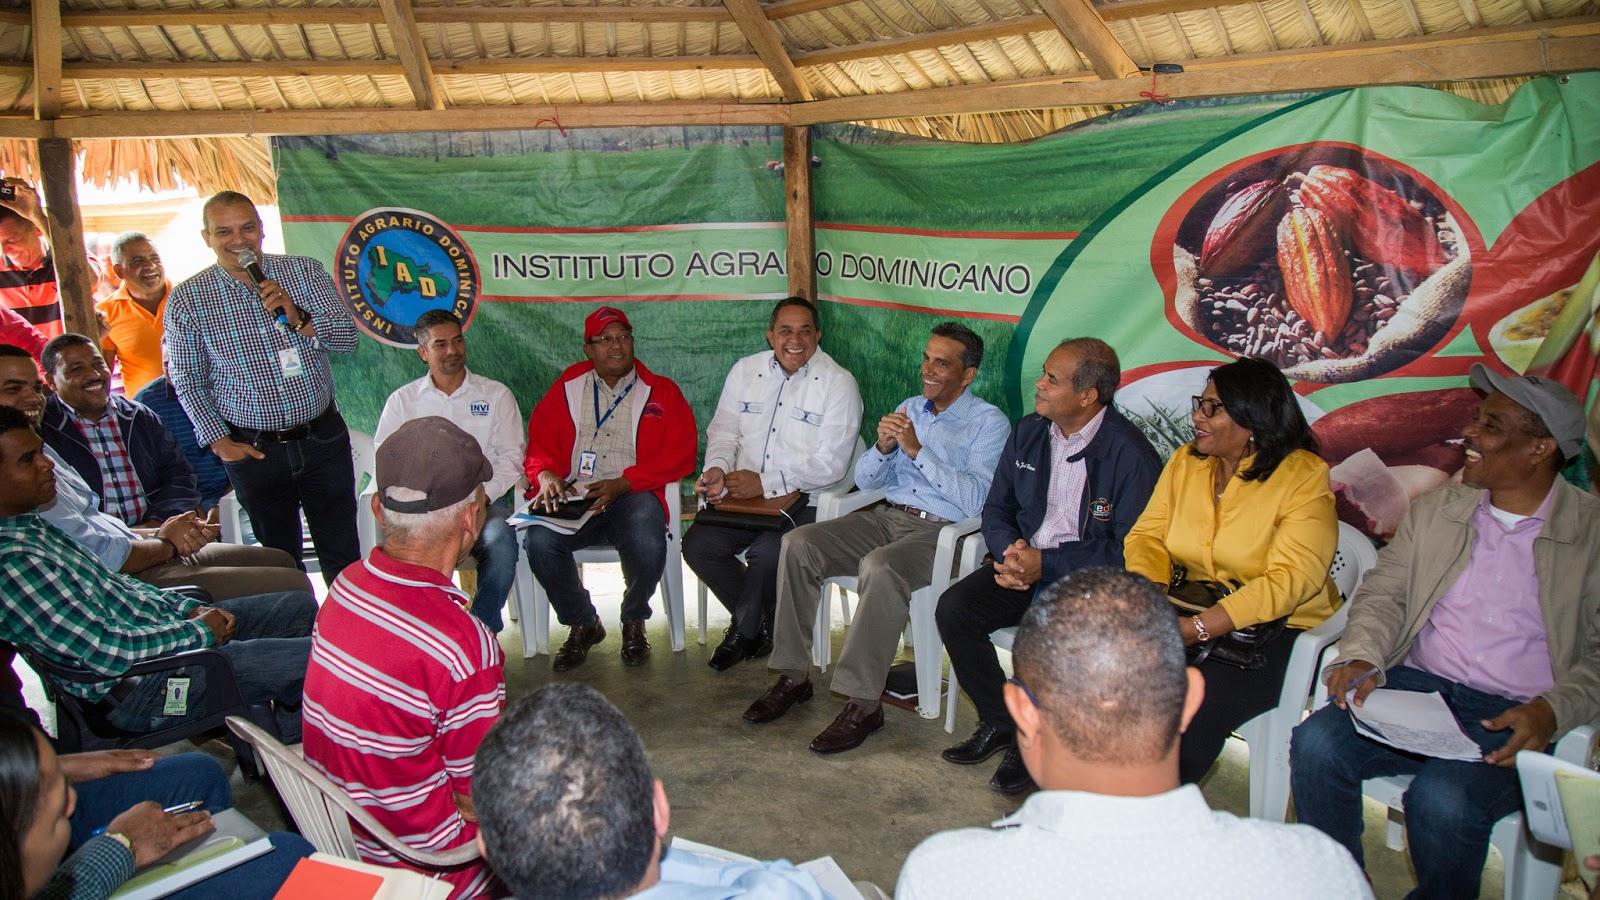 Seguimiento a Visita Sorpresa: comisión se reúne con productores de aguacate de Tamboril